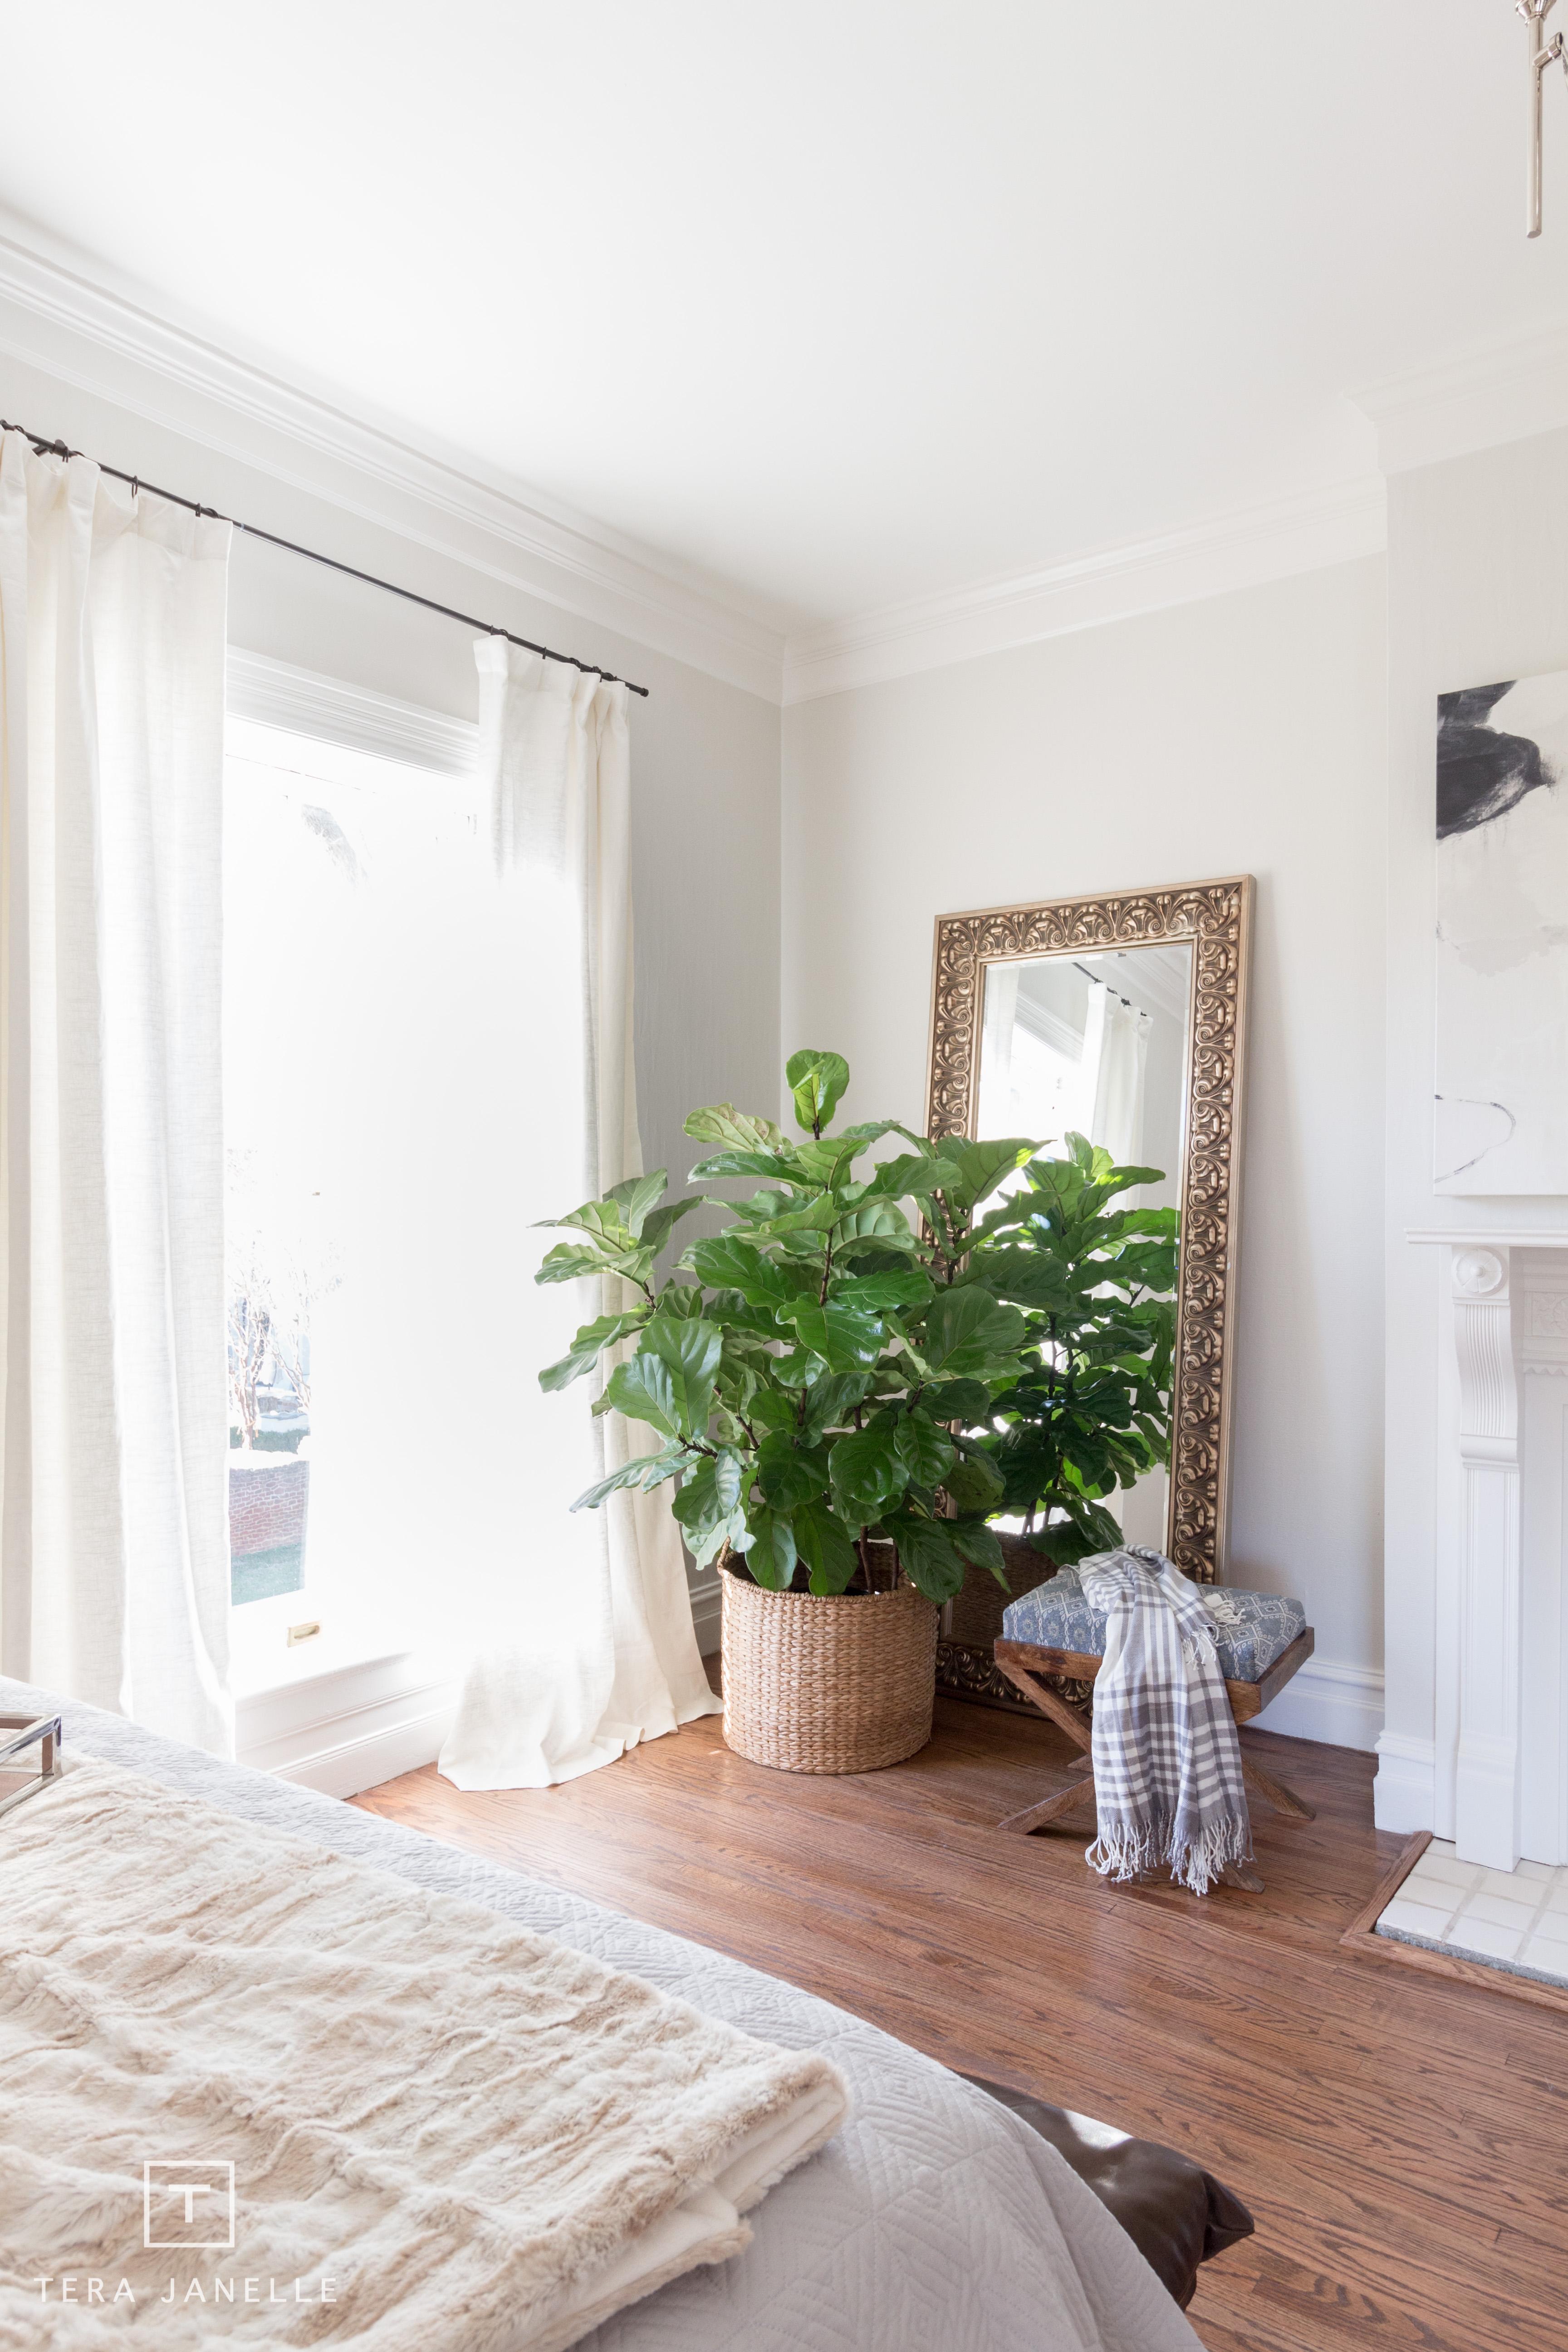 Tera Janelle - Right Bedroom-24.jpg